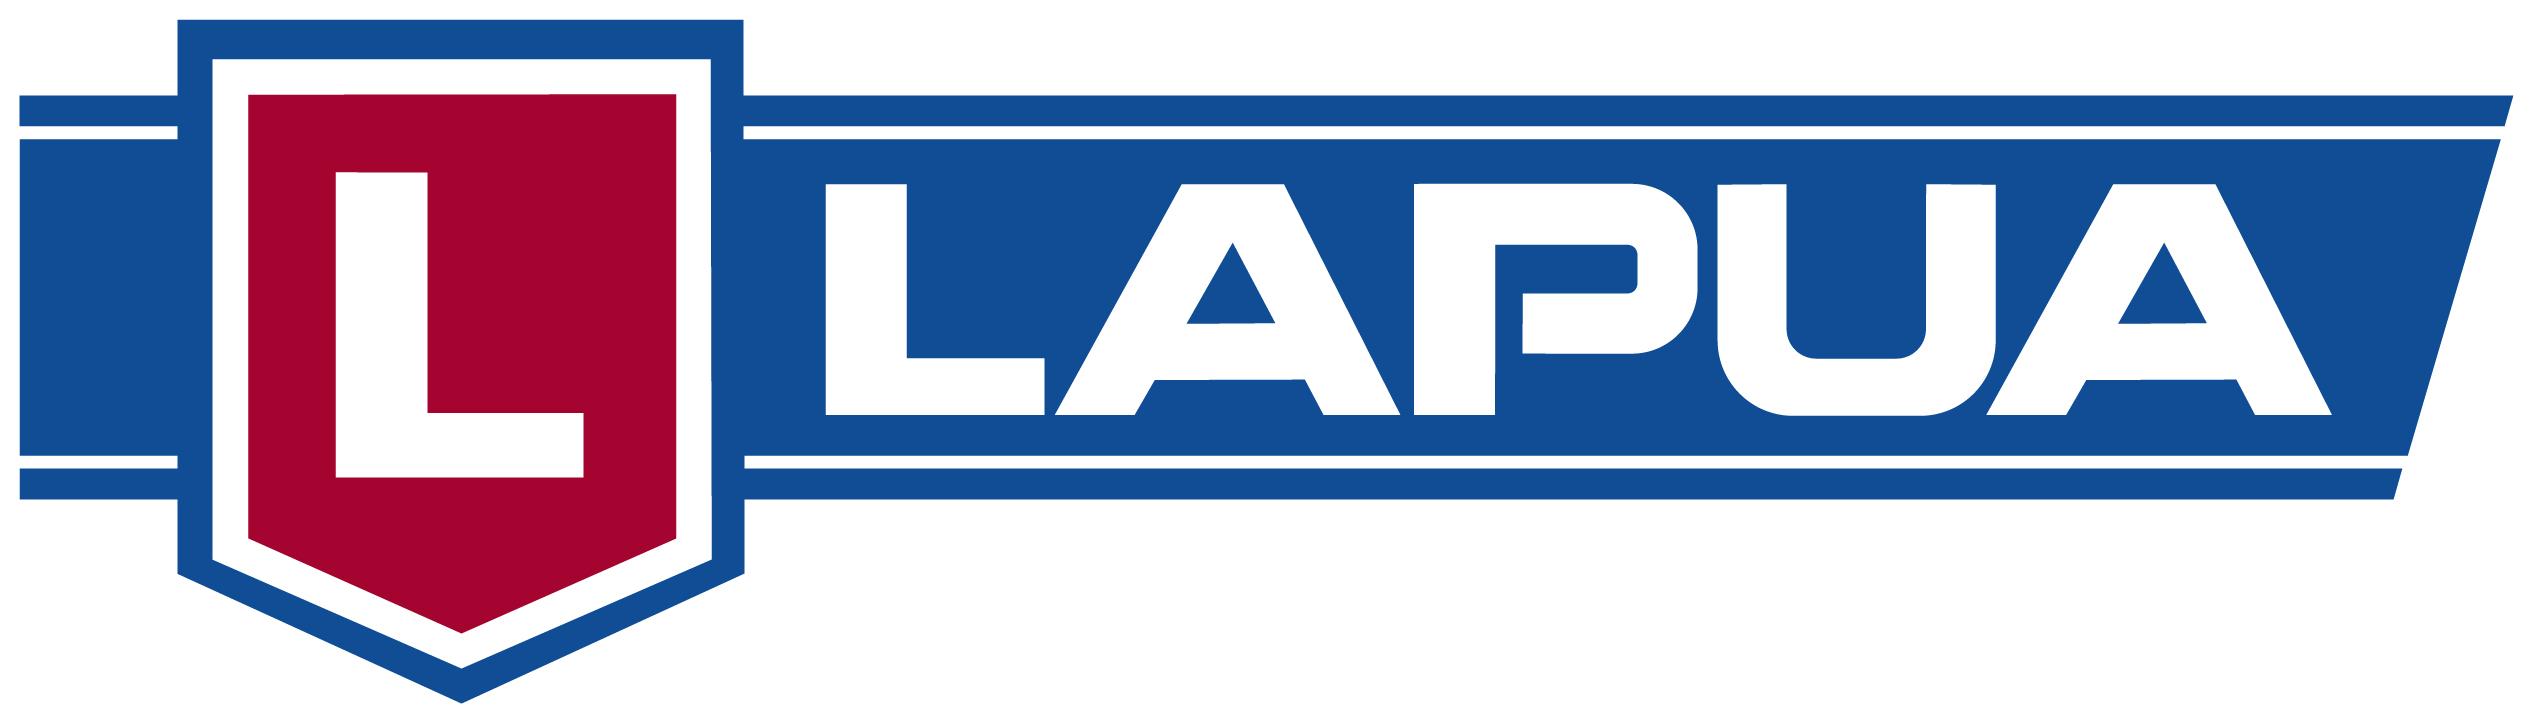 ذخيرة ليبوا lapua الفنلندية أفضل ذخيرة للقناصات LAPUA_logo%202008